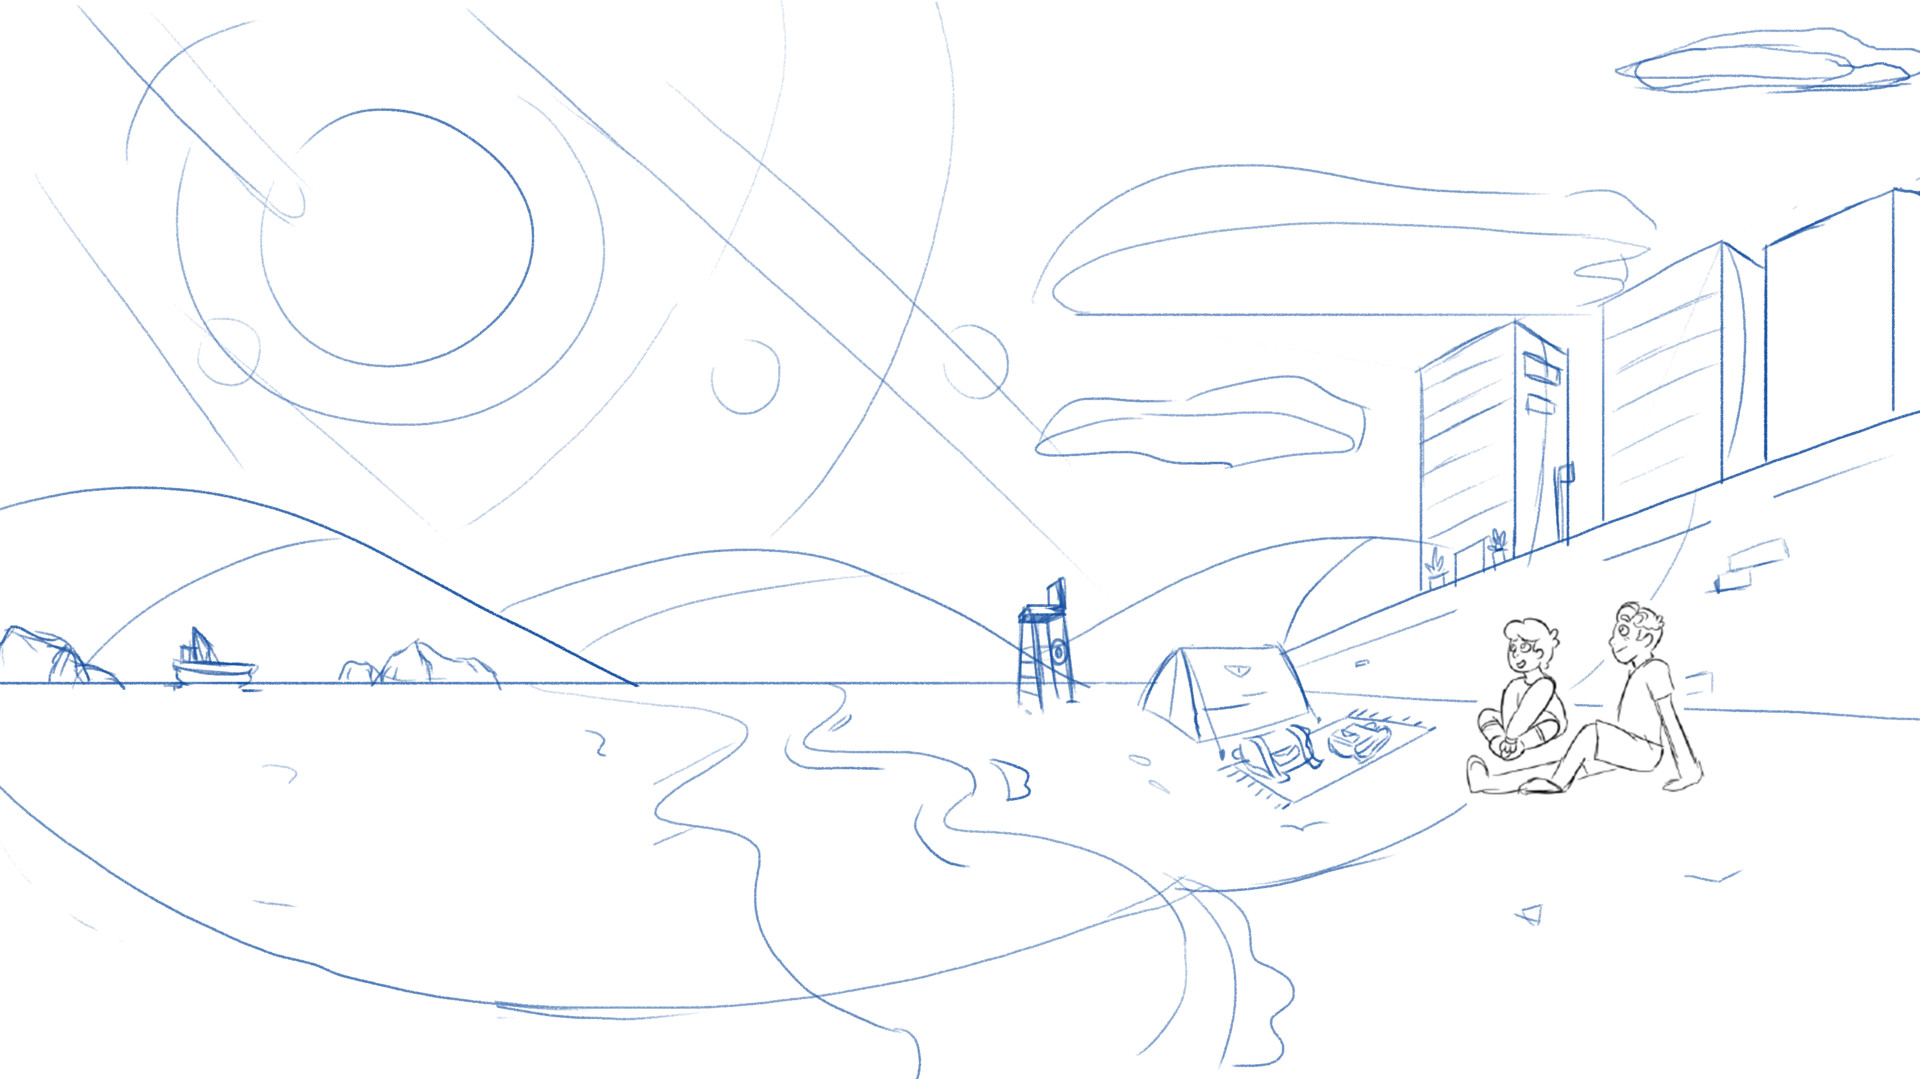 Beach Scene - Sketch.